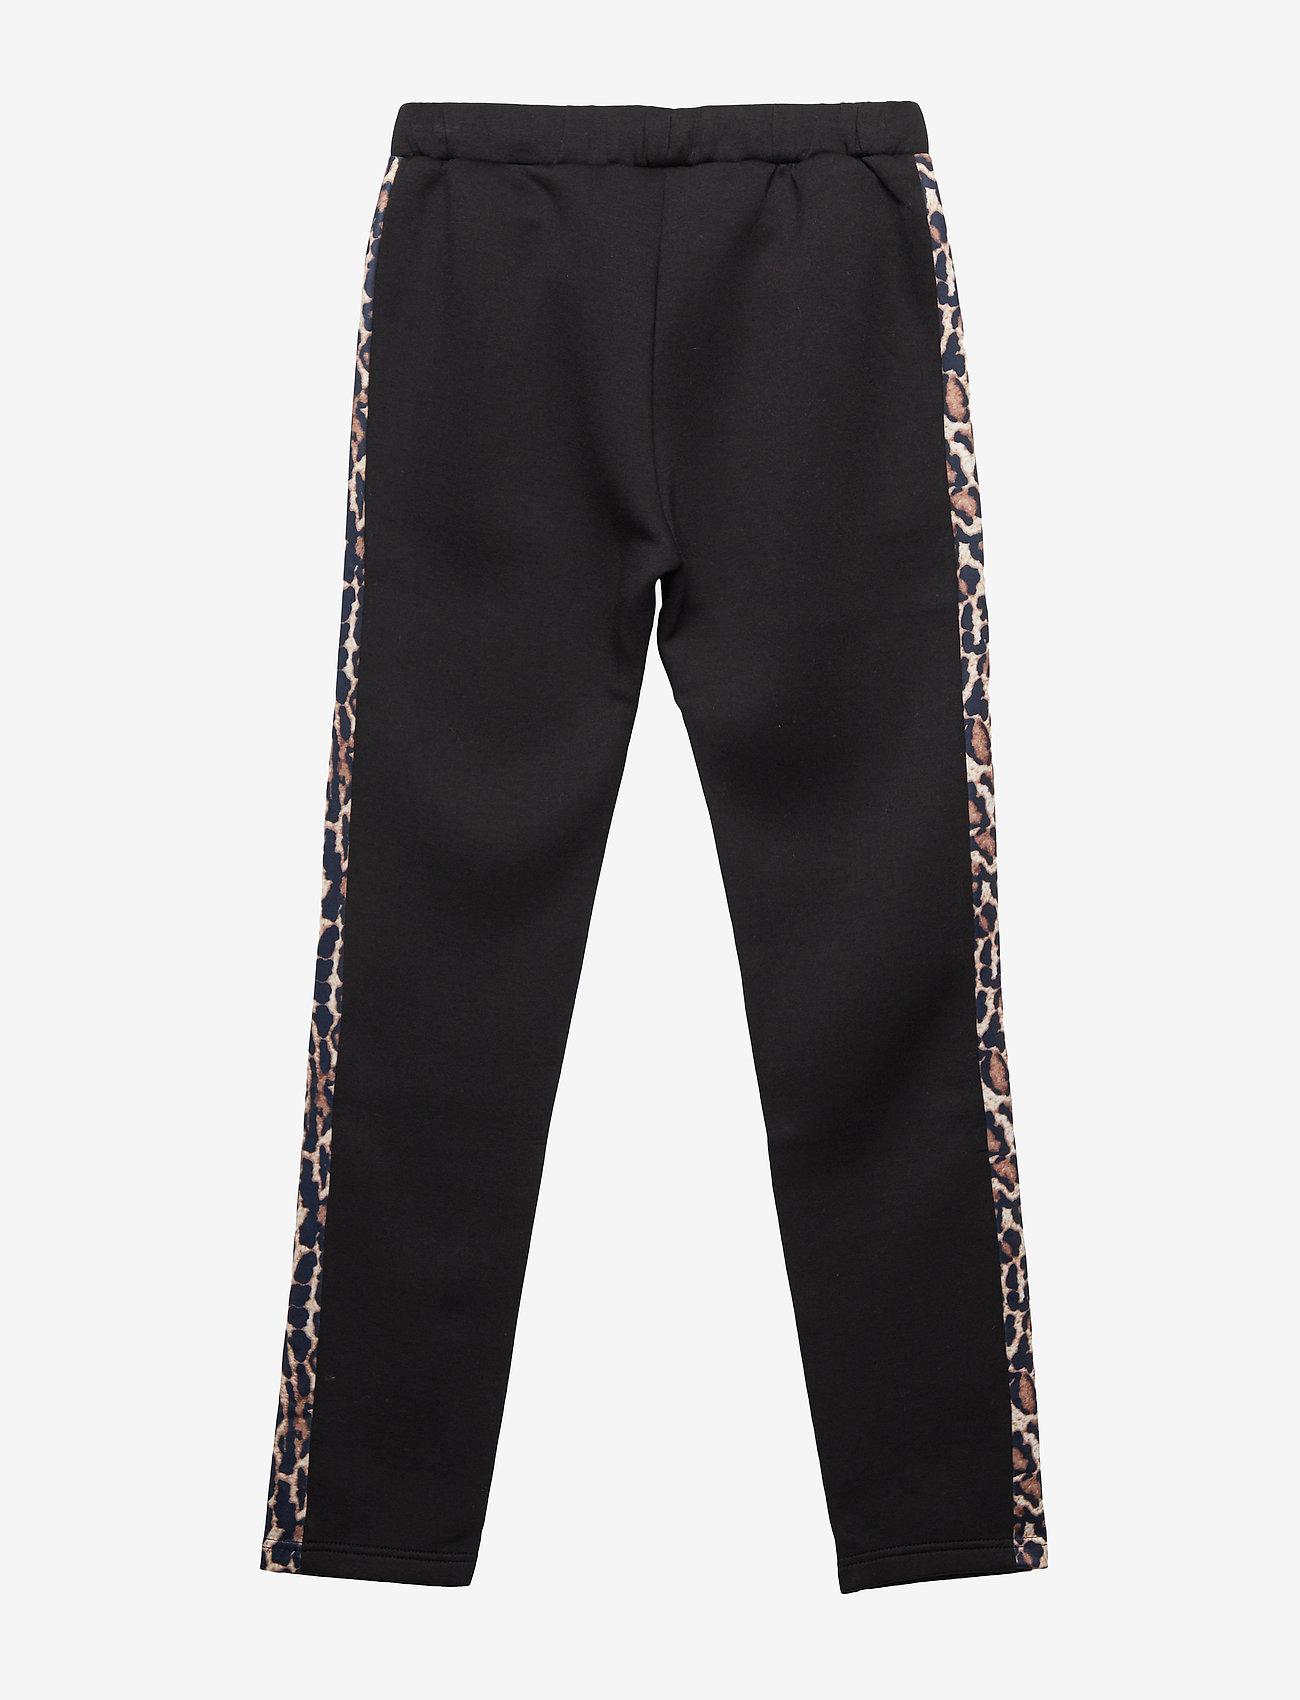 Petit by Sofie Schnoor - Neoprene pants - joggings - black - 1